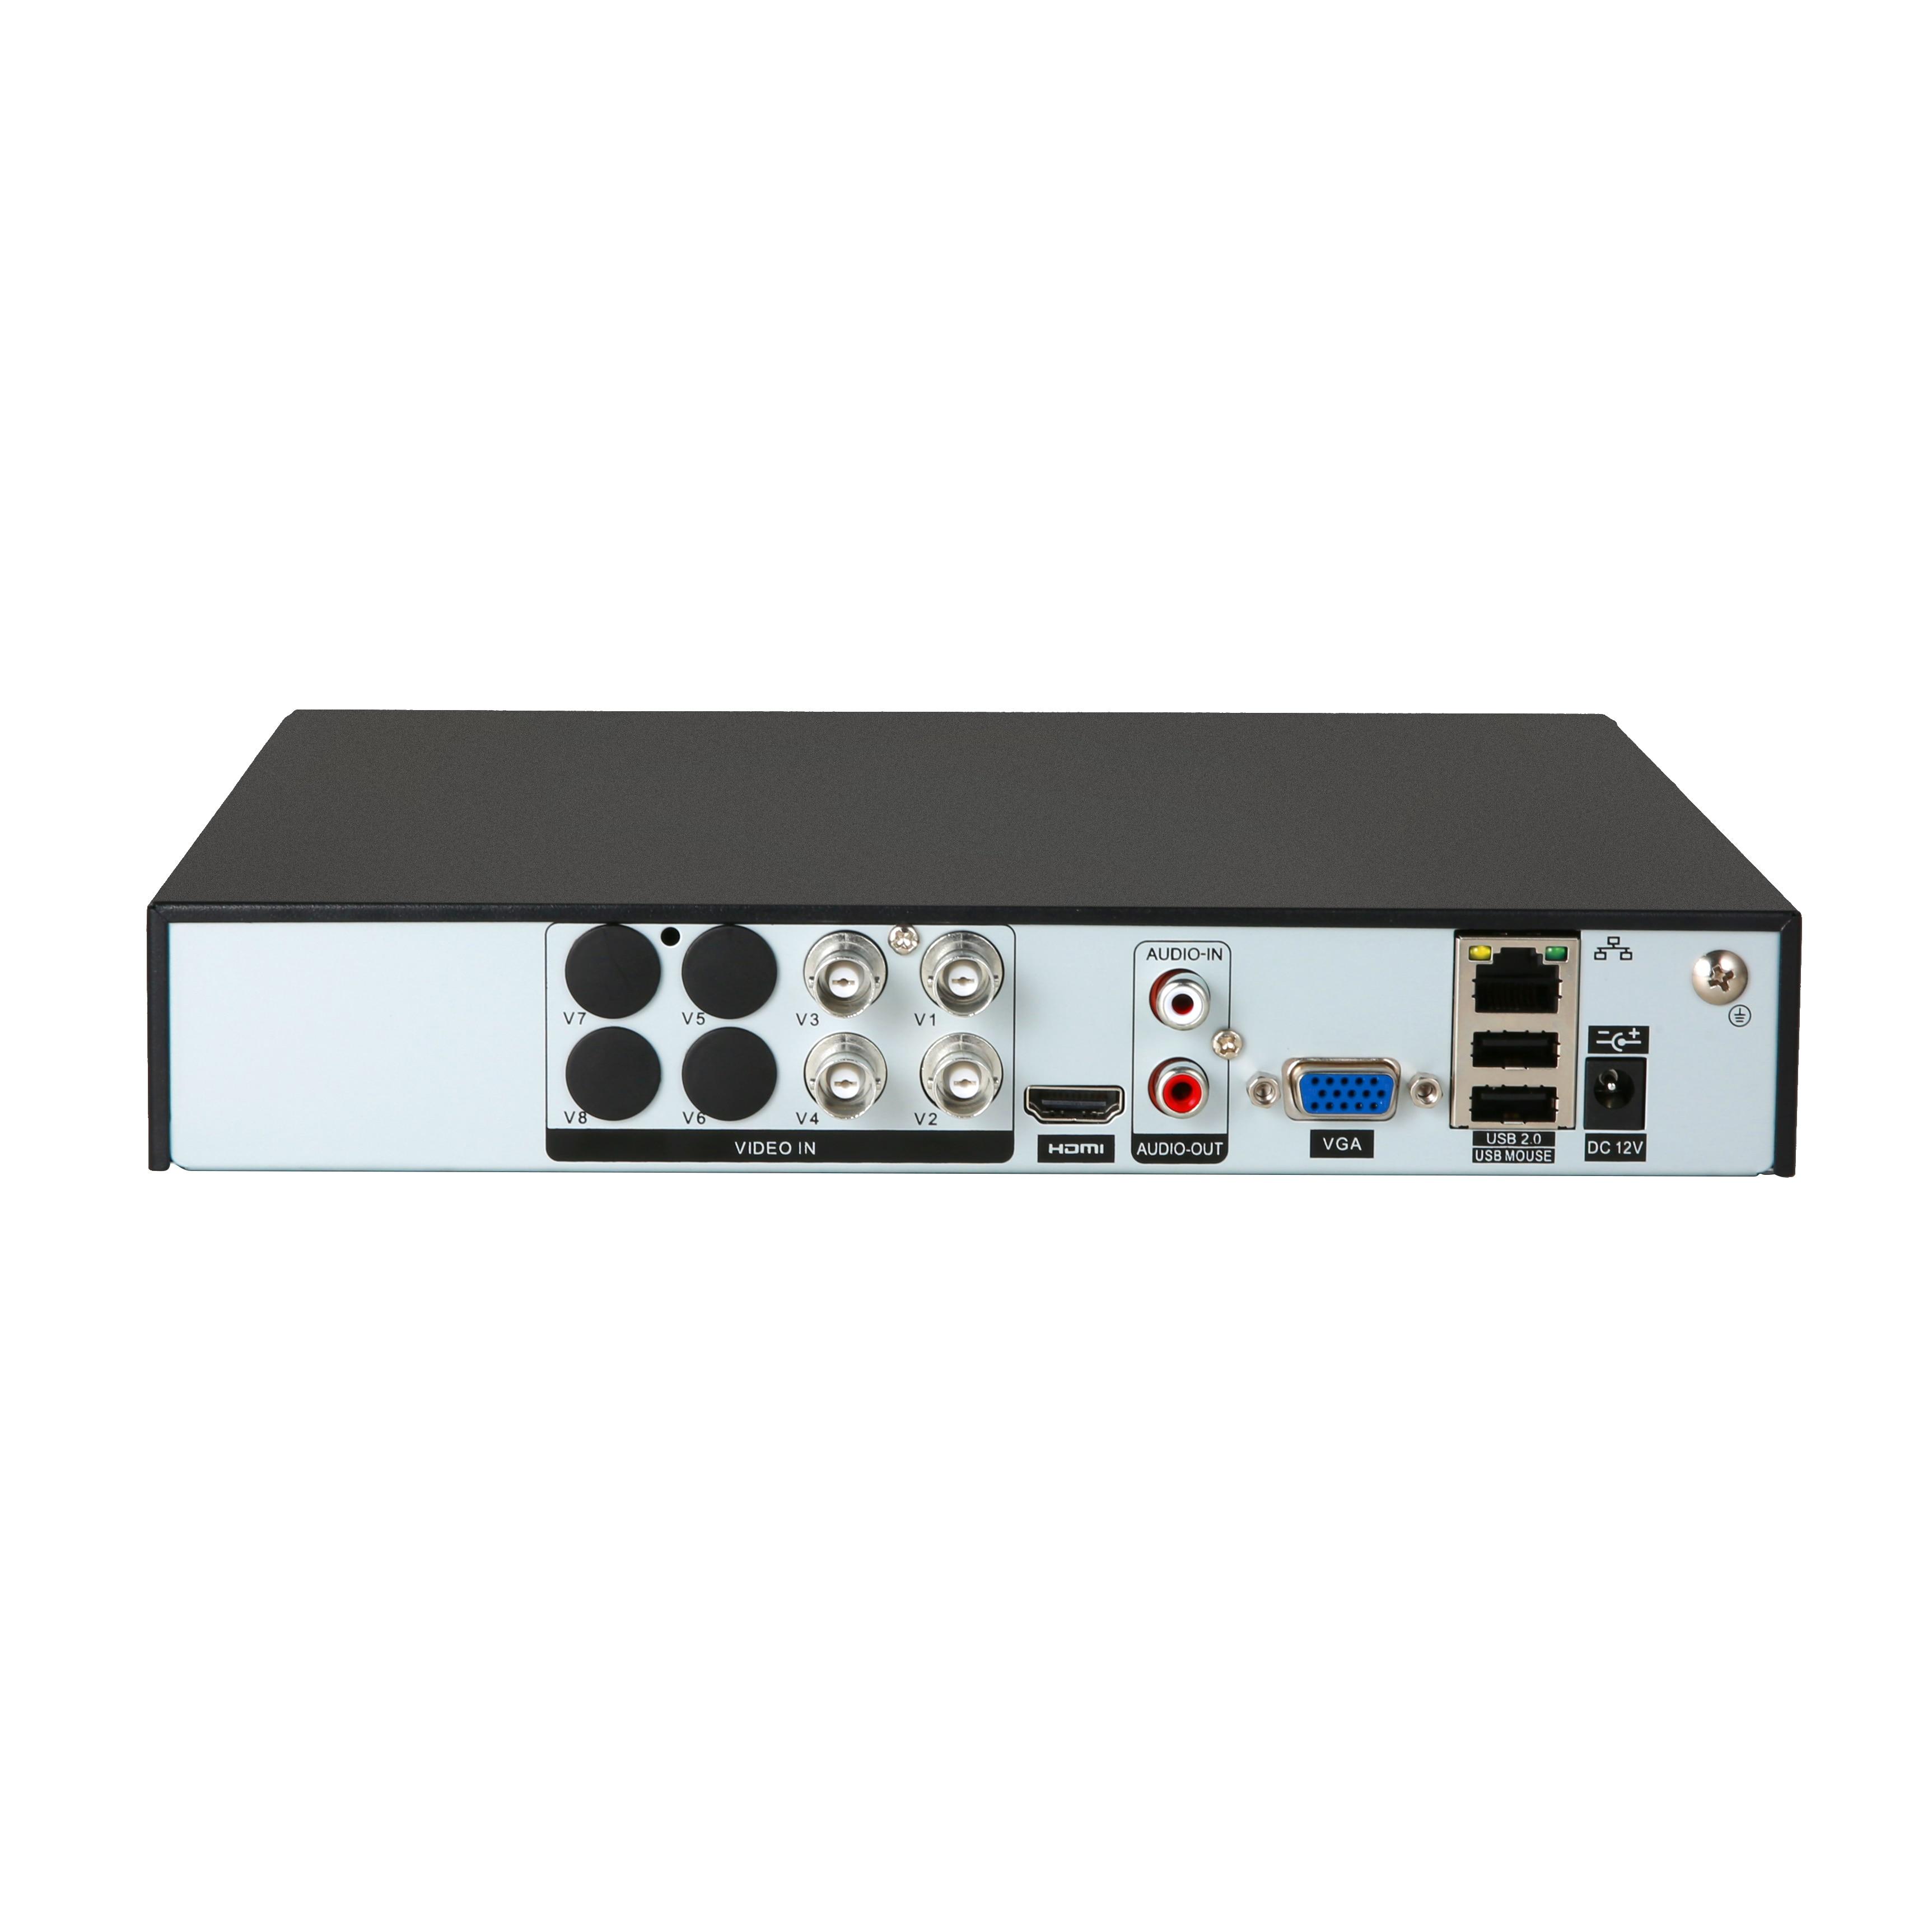 SANNCE 4 Kanal 8 Kanal AHD DVR AHDM 5-in-1 1080N Sicherheit CCTV DVR - Schutz und Sicherheit - Foto 3